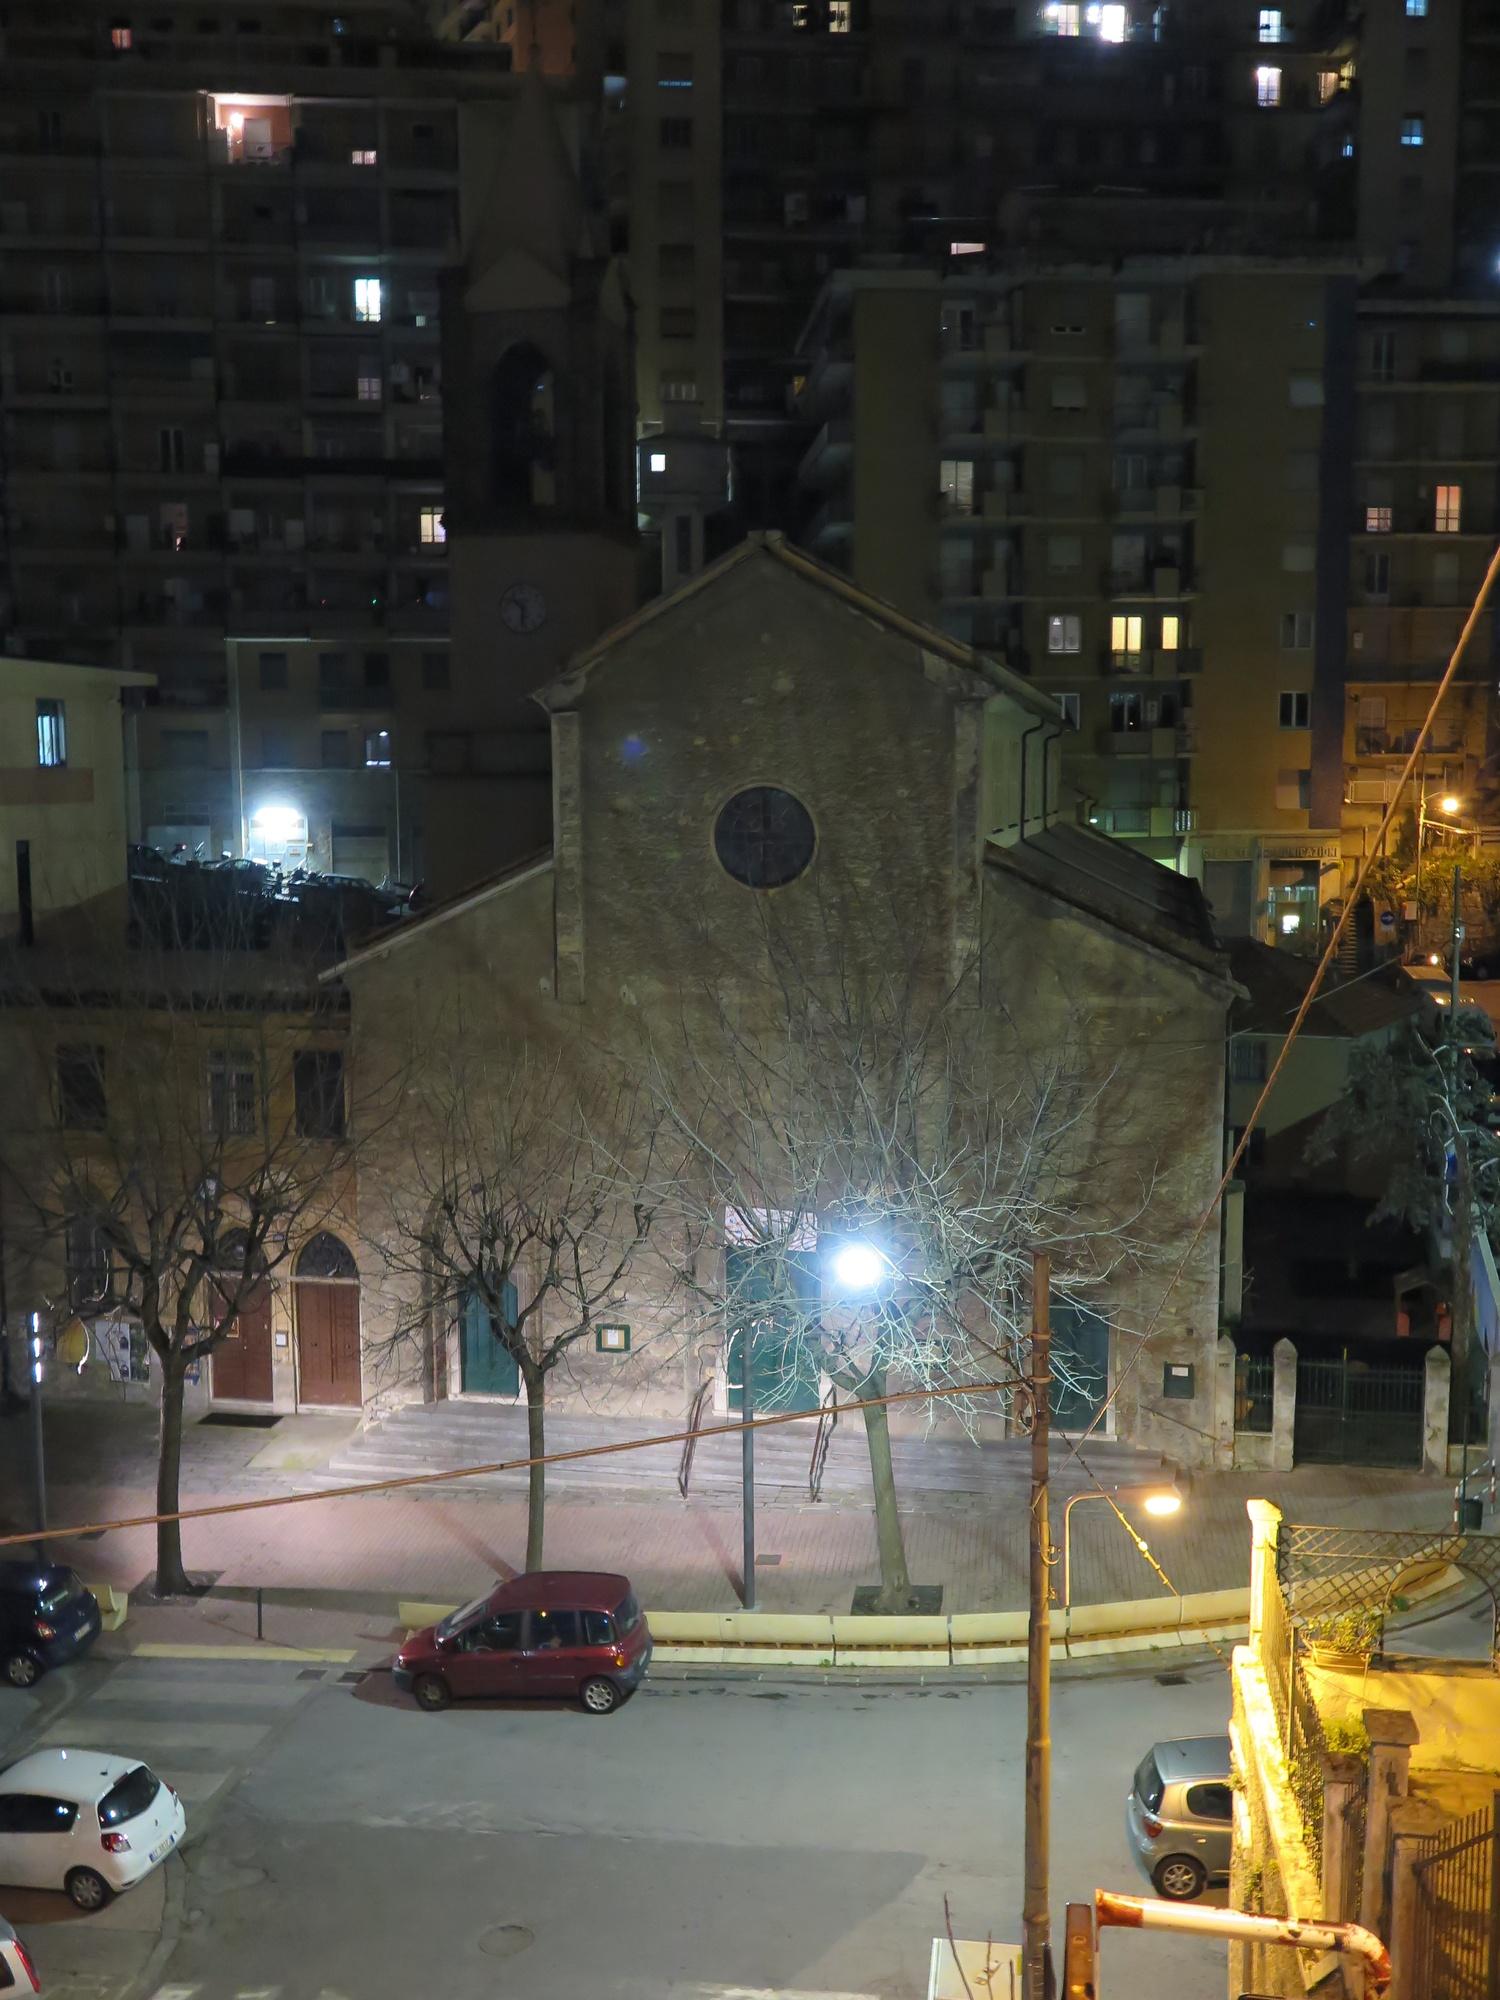 chiesa-esterno-notte-2016-03-07-22-31-02